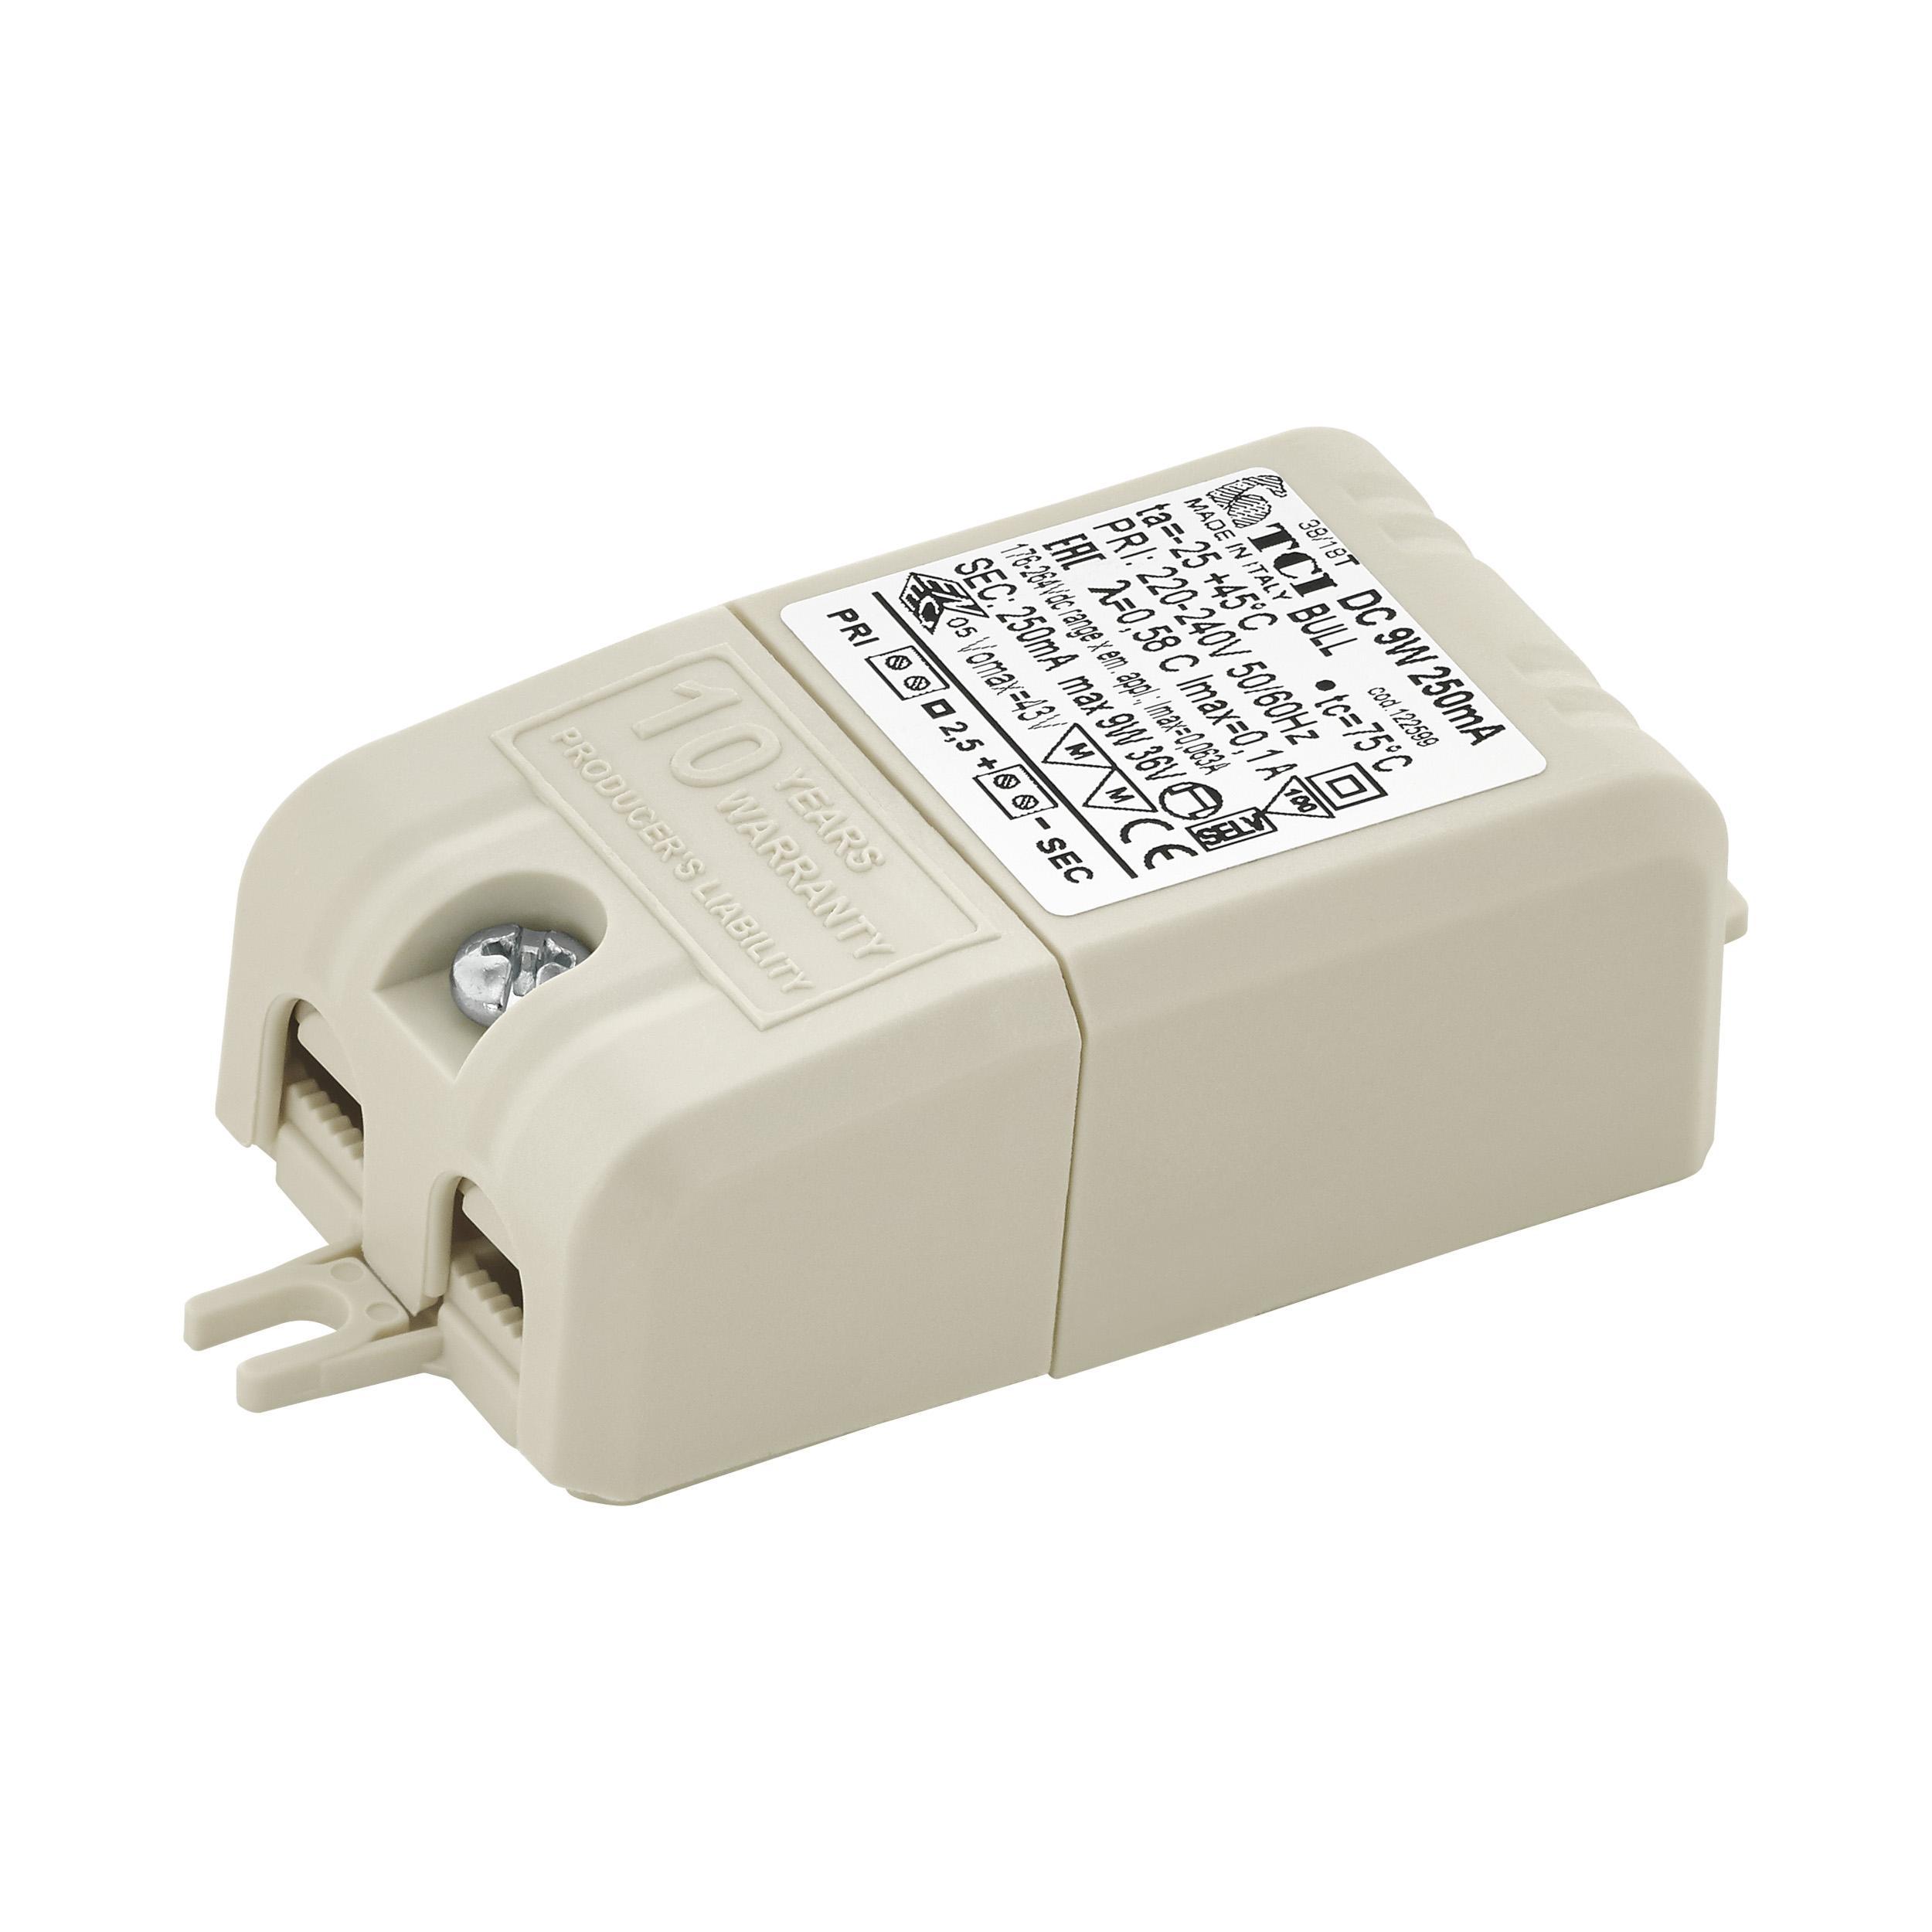 1 Stk LED-TREIBER TCI BULL DC 9W 250MA LI69264---